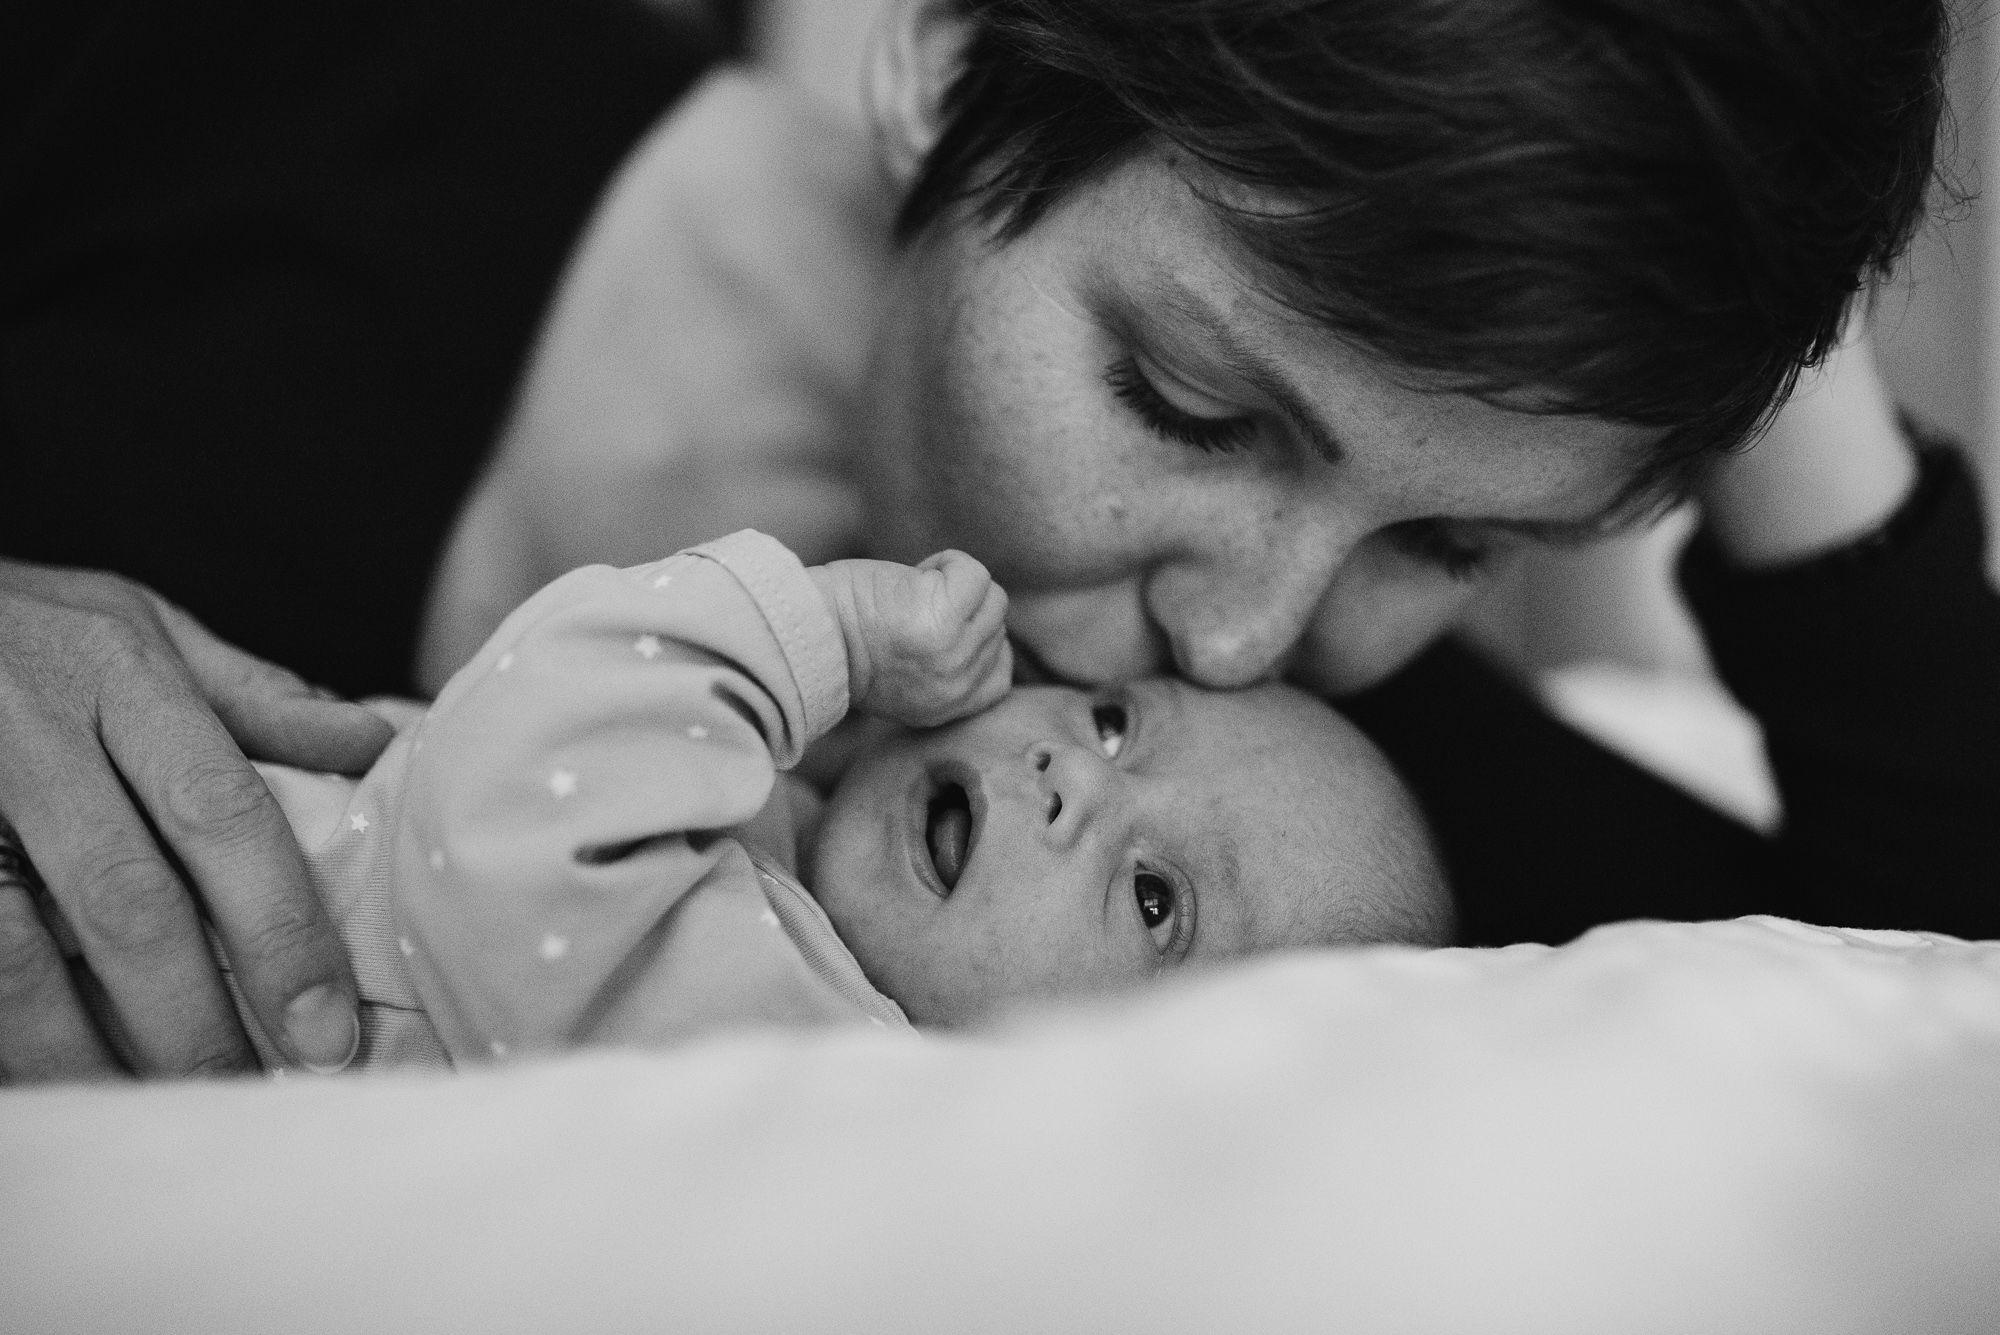 natuurlijke ongeposeerde foto's met baby